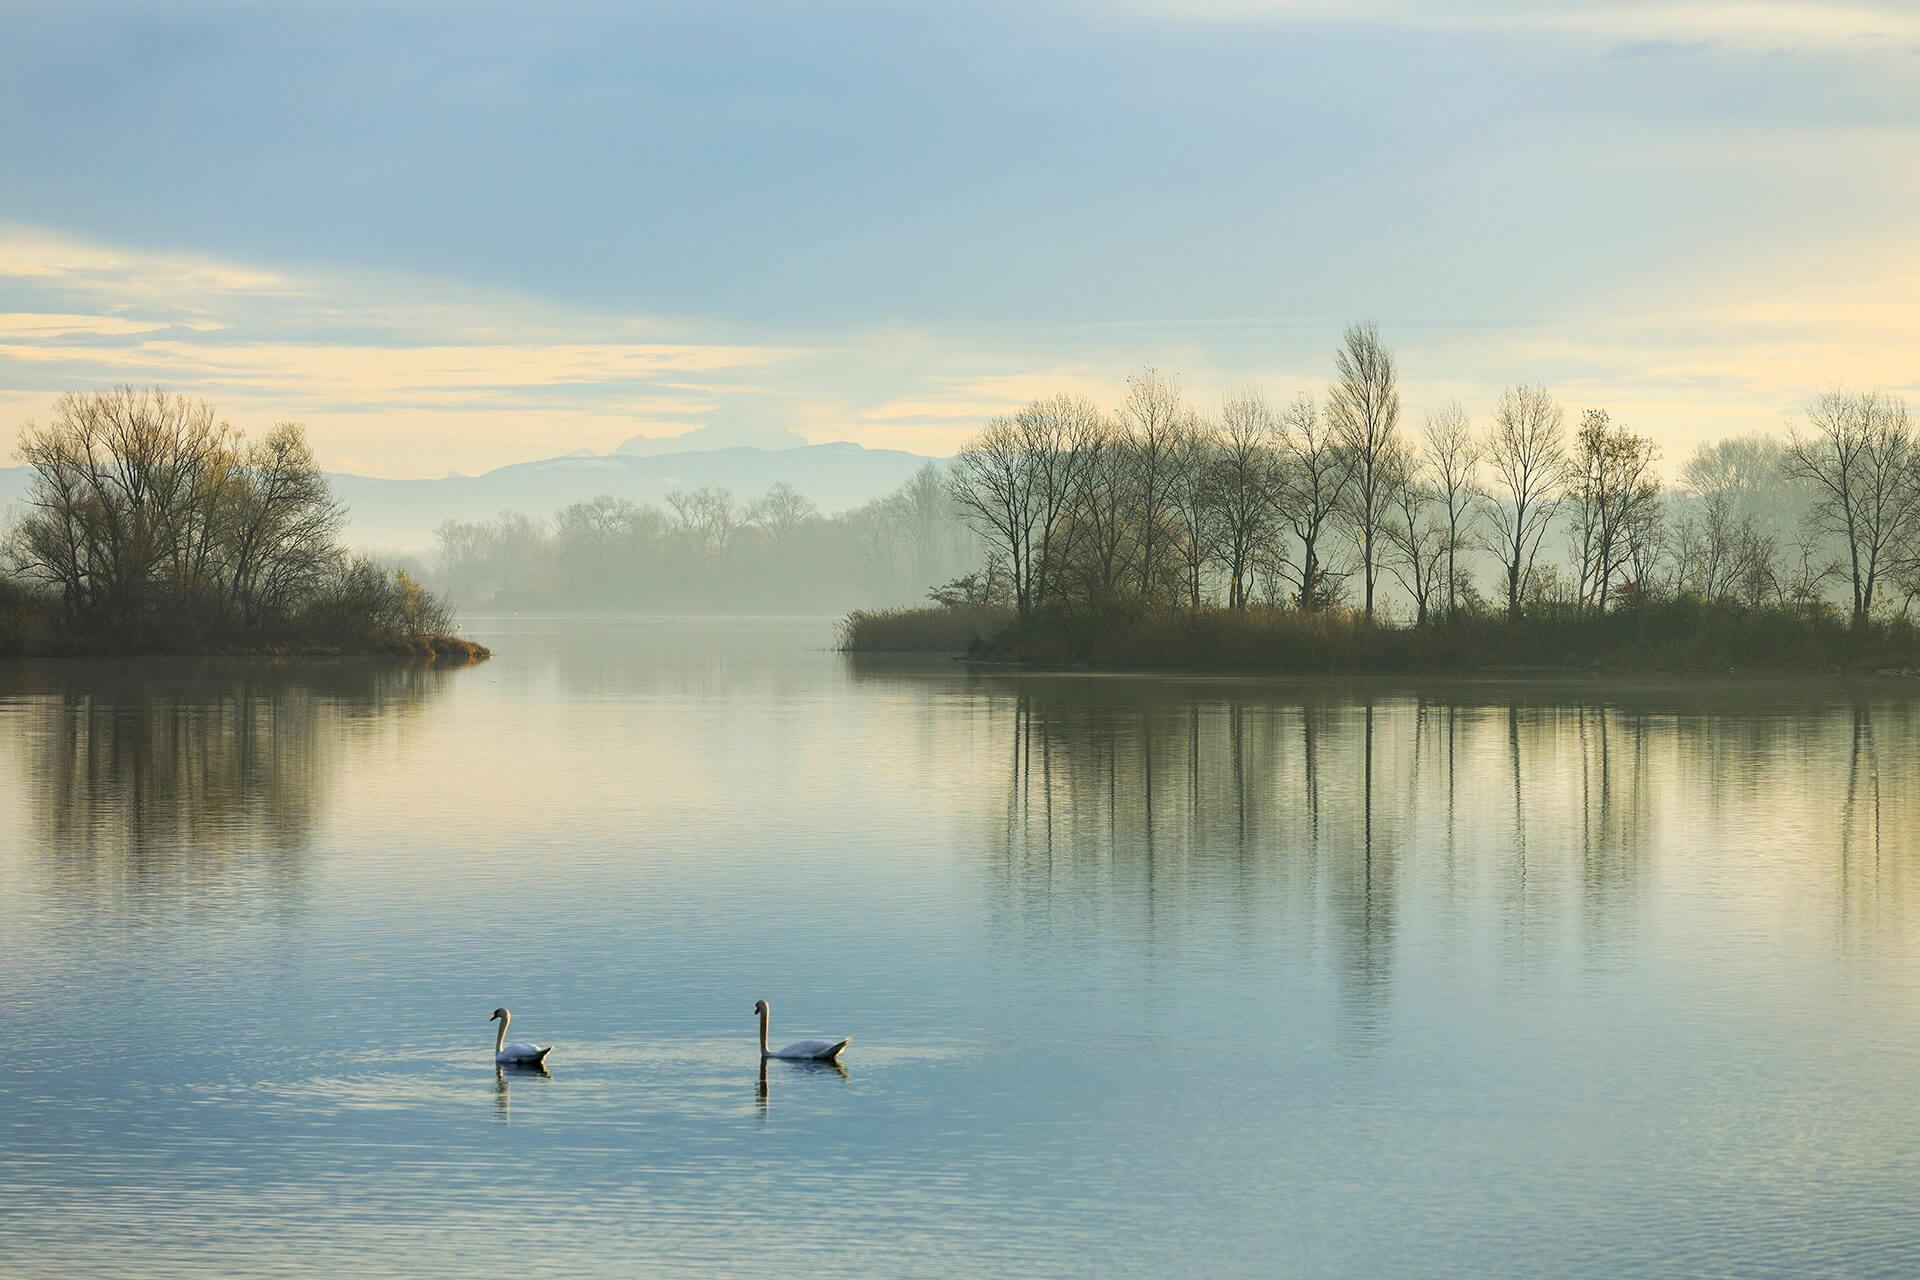 Le fleuve Rhône, Km 436 Rhône, Vaulx-en-Velin, Grand Parc Miribel Jonage, Lac des Eaux Bleues